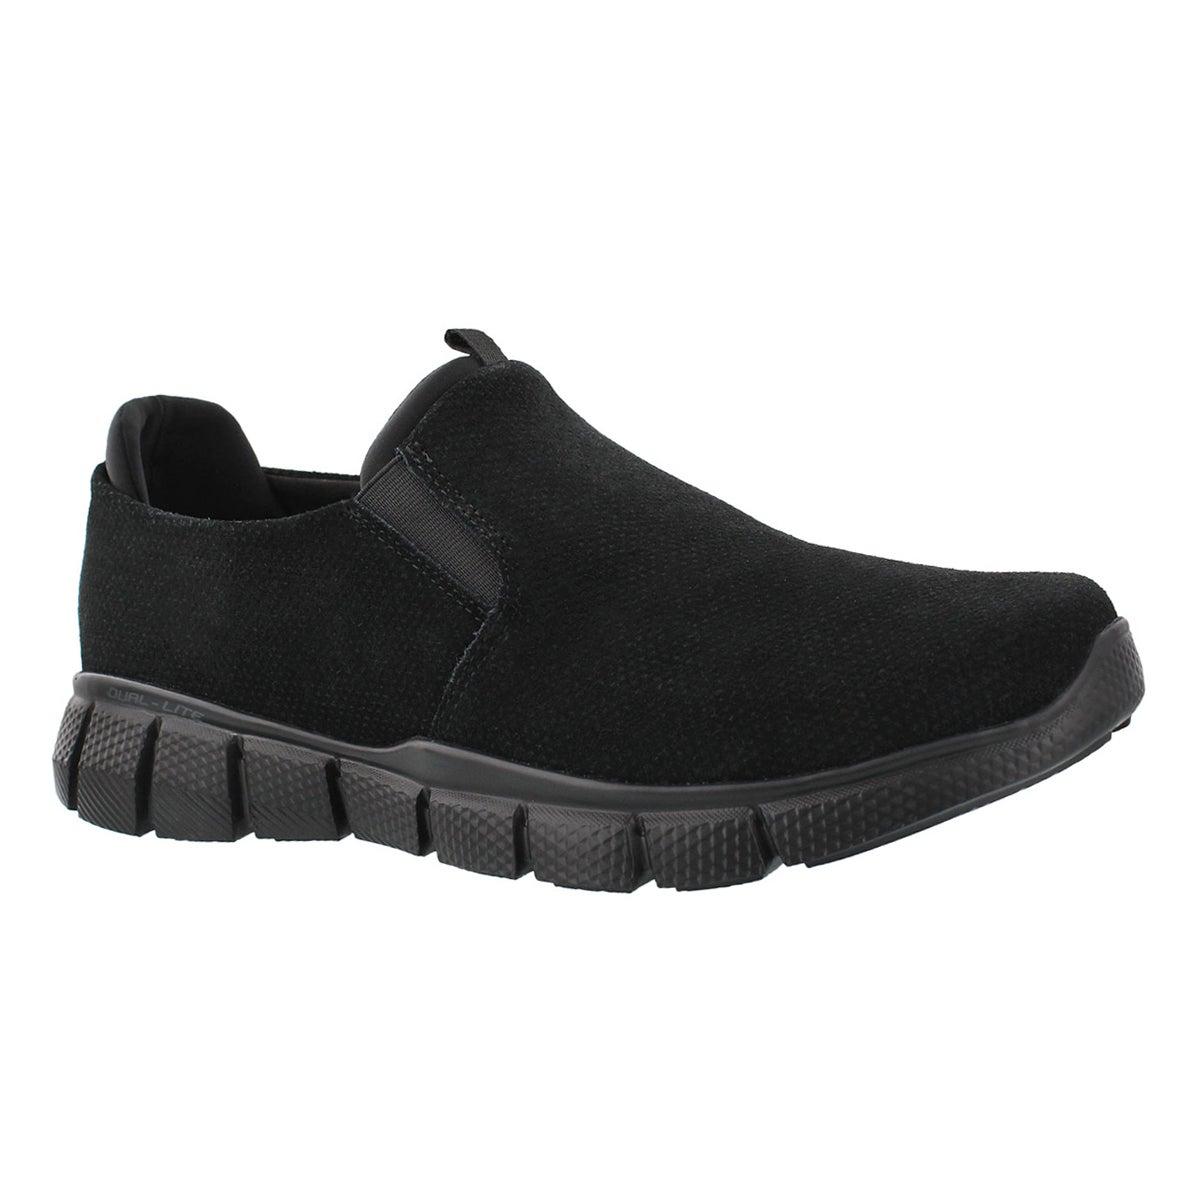 Mns Equalizer 2.0 Rodini blk slipon shoe